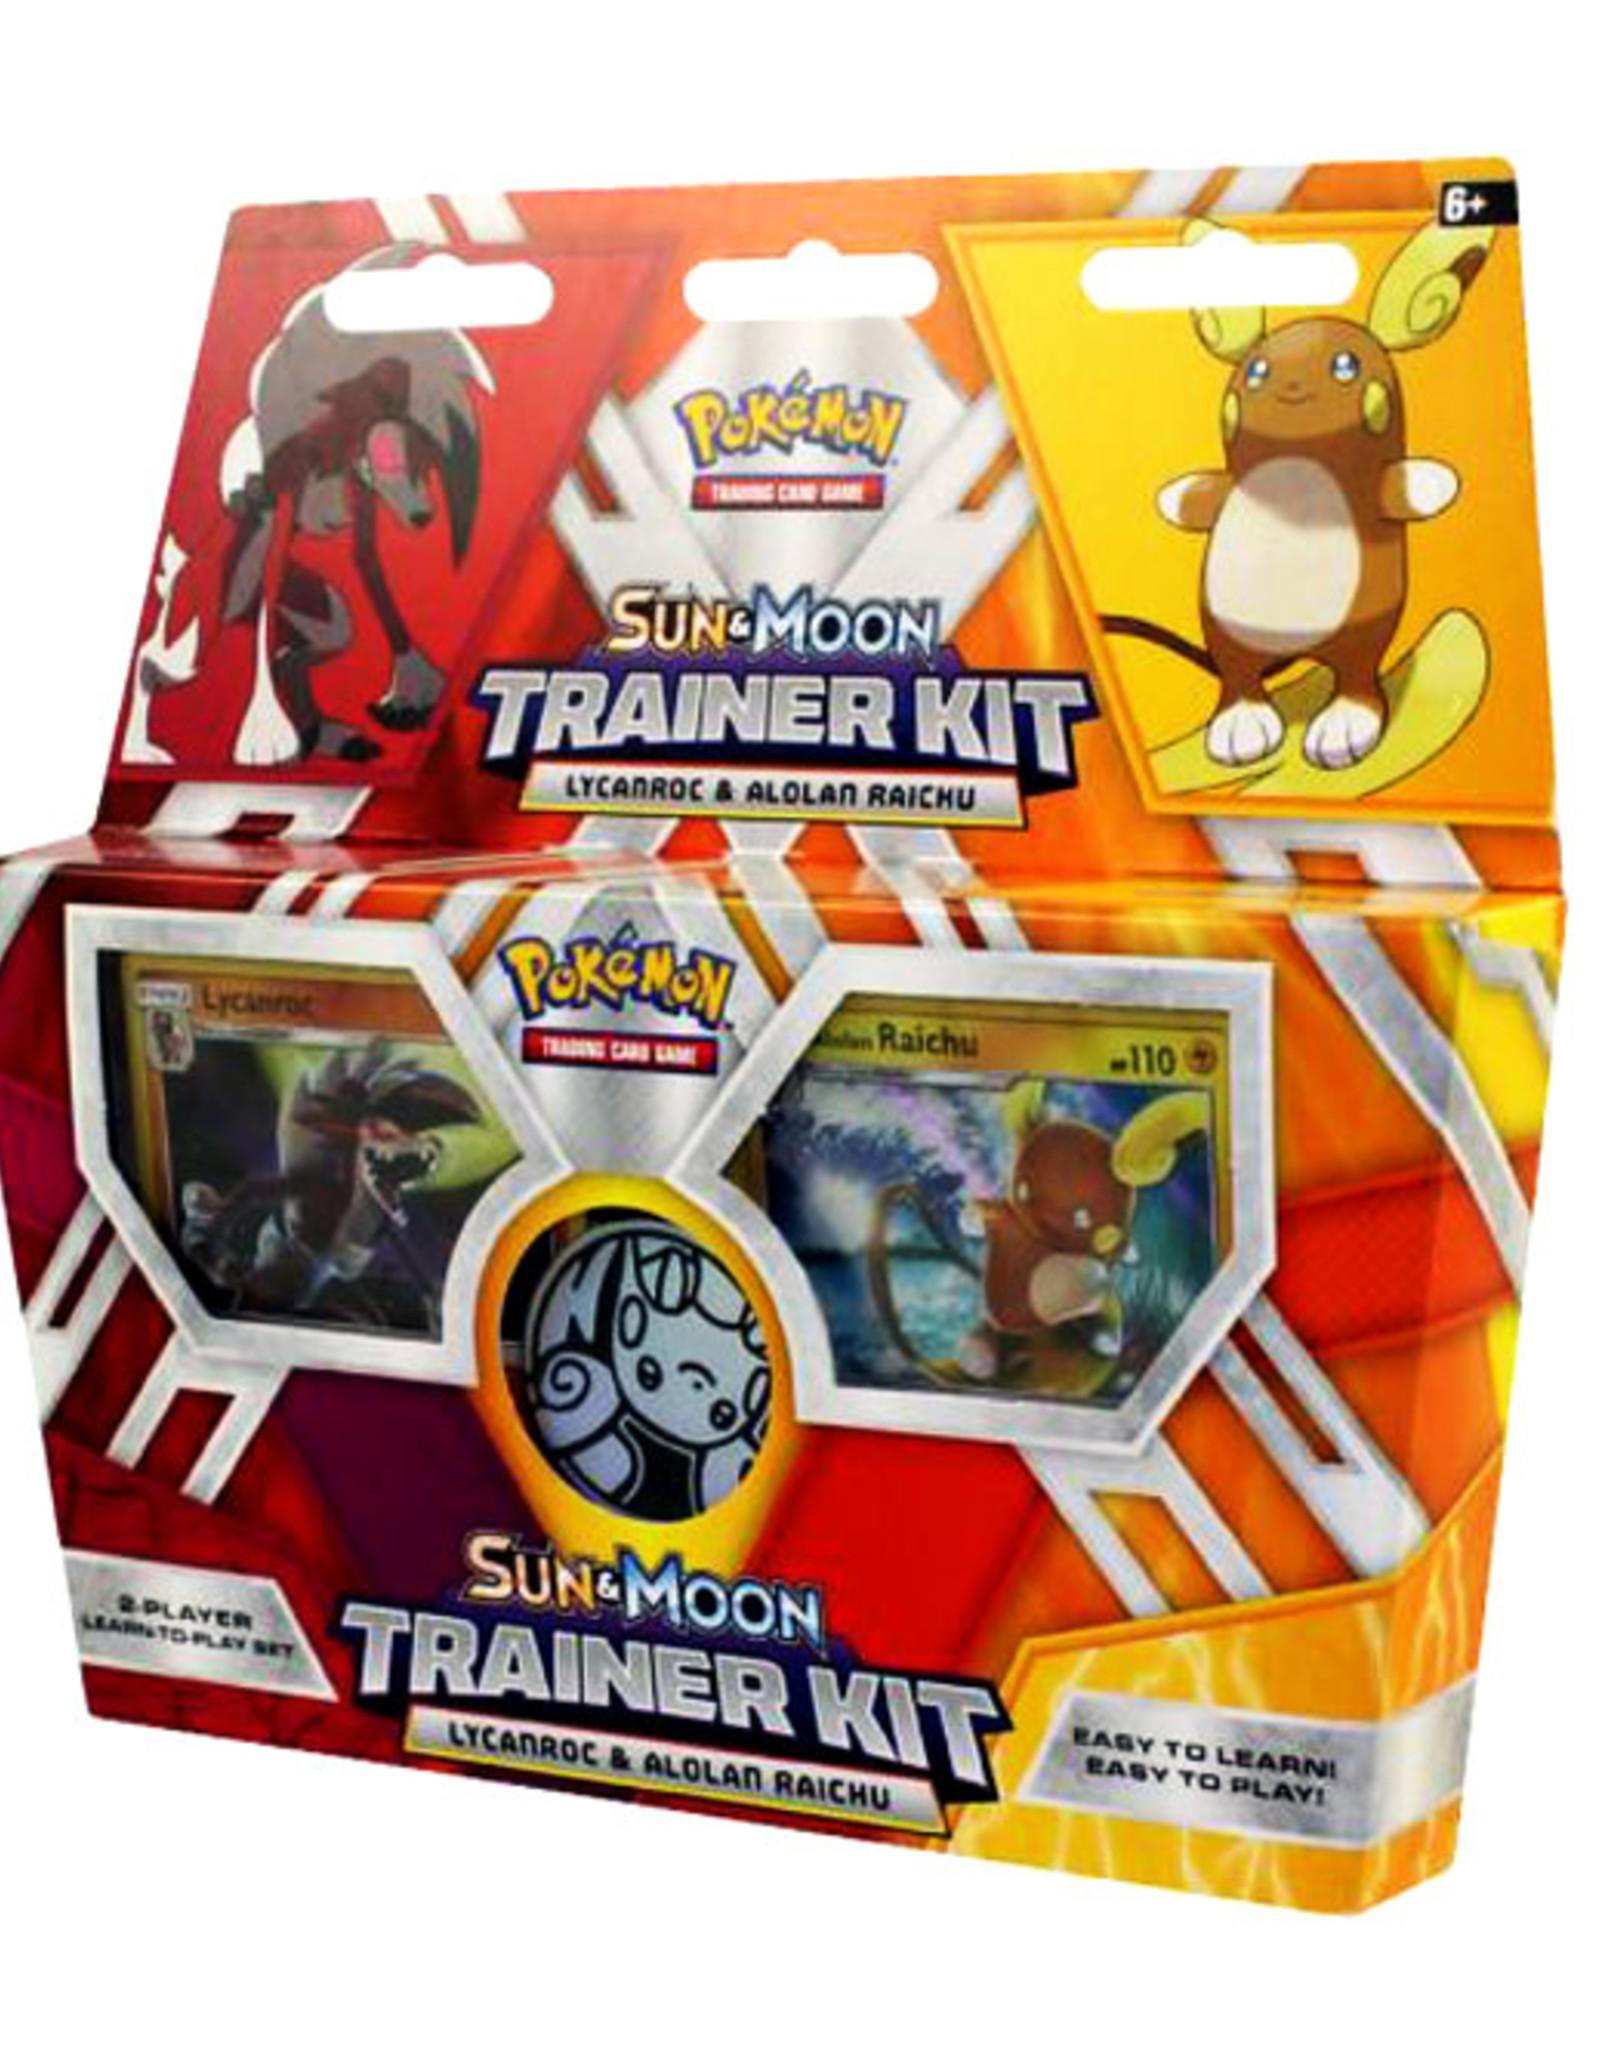 Pokemon Pokemon Sun & Moon Trainer Kit